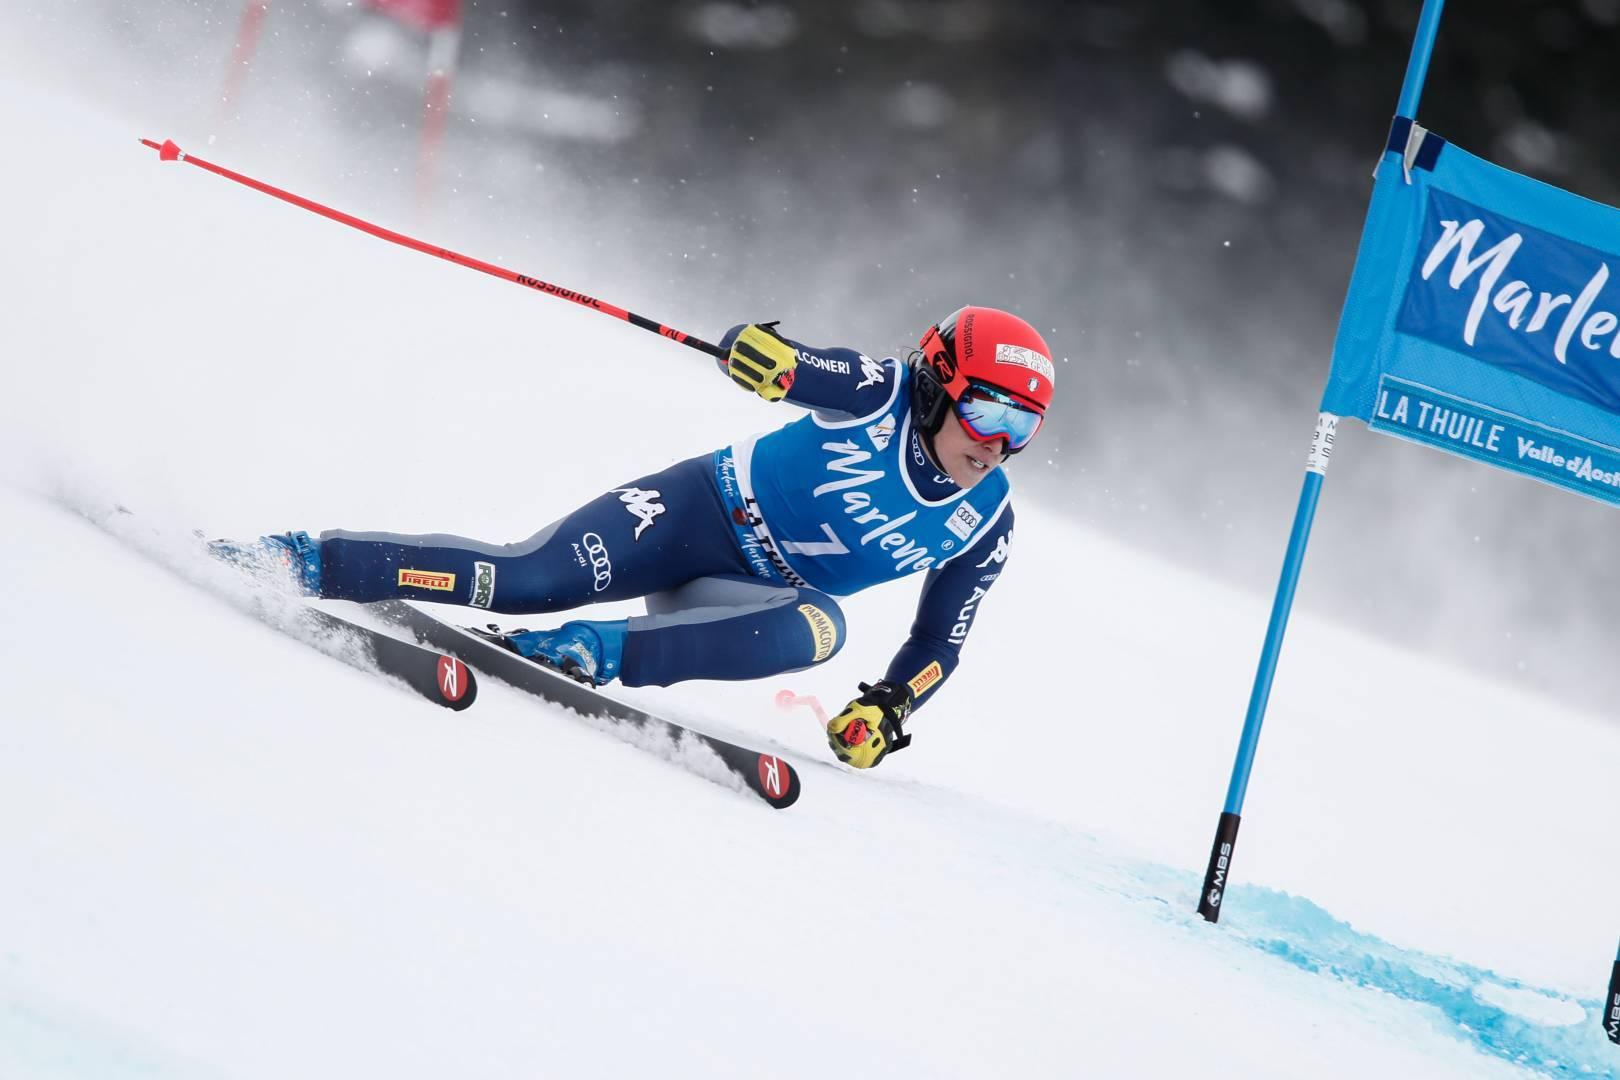 La Thuile dedica la personalizzazione di una cabina delle Funivie alla campionessa del mondo di sci